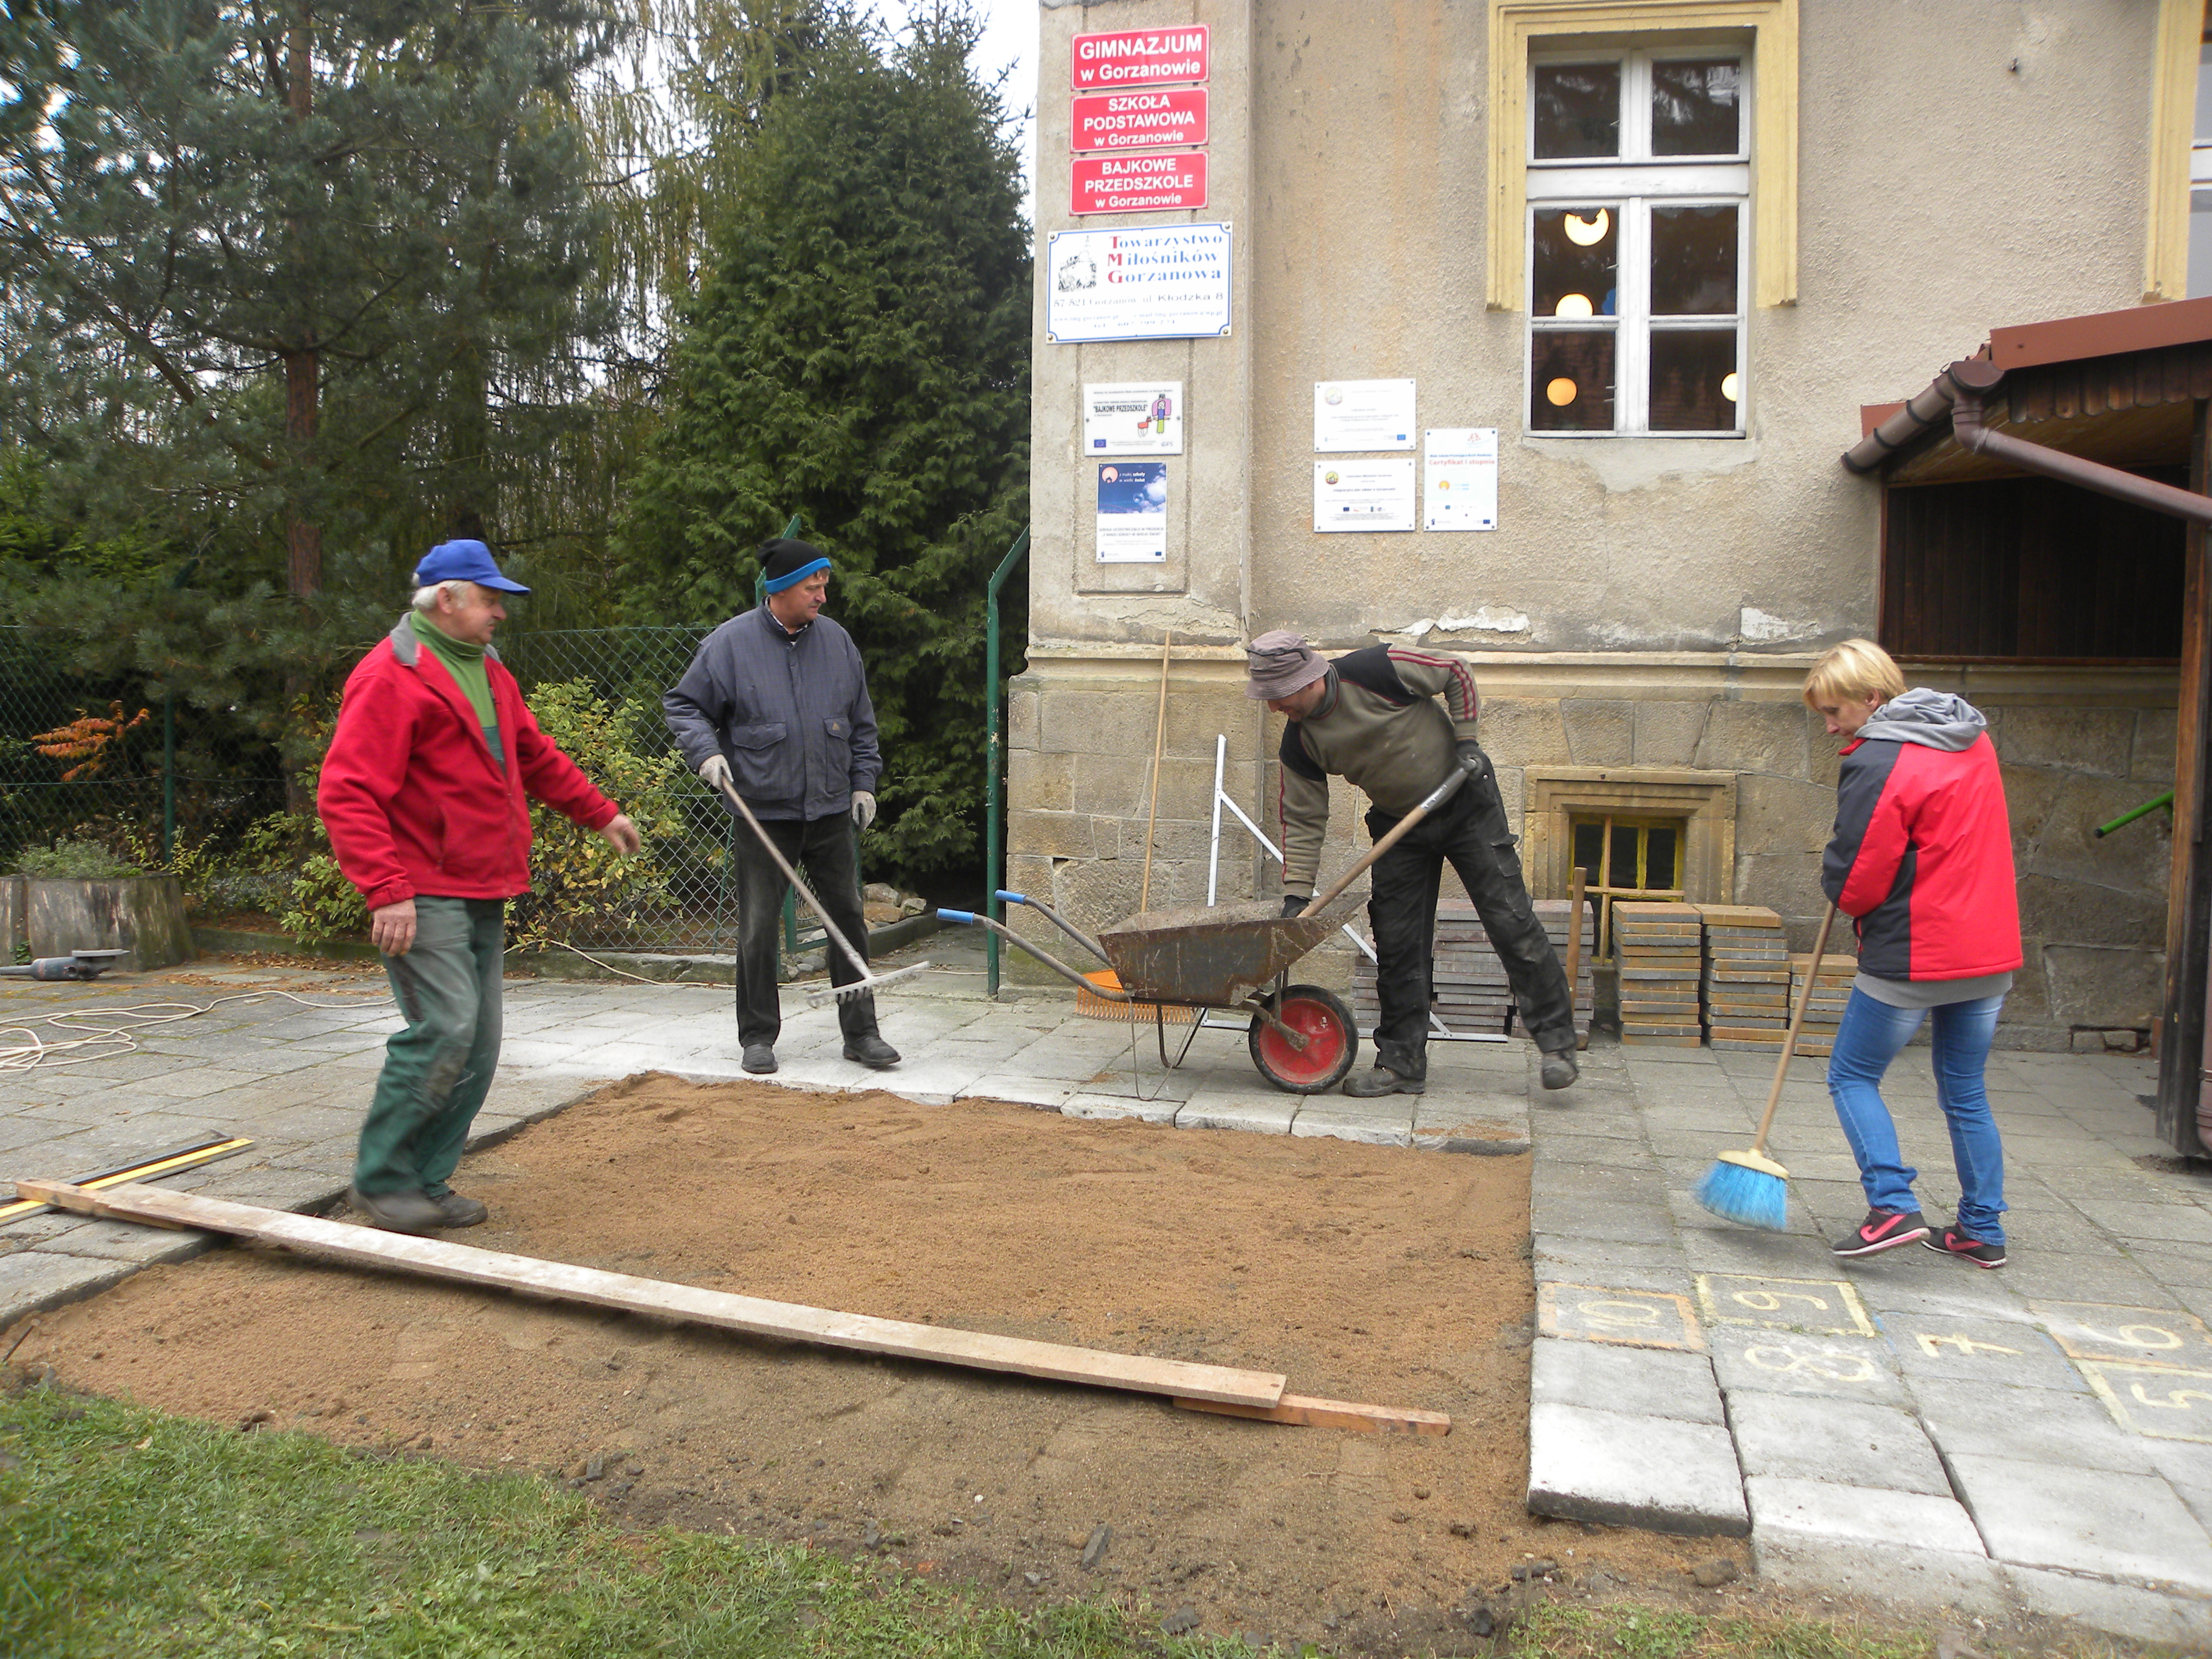 Szachownica przed szkołą, Autor: A. Chabło, 14.11.2014r.